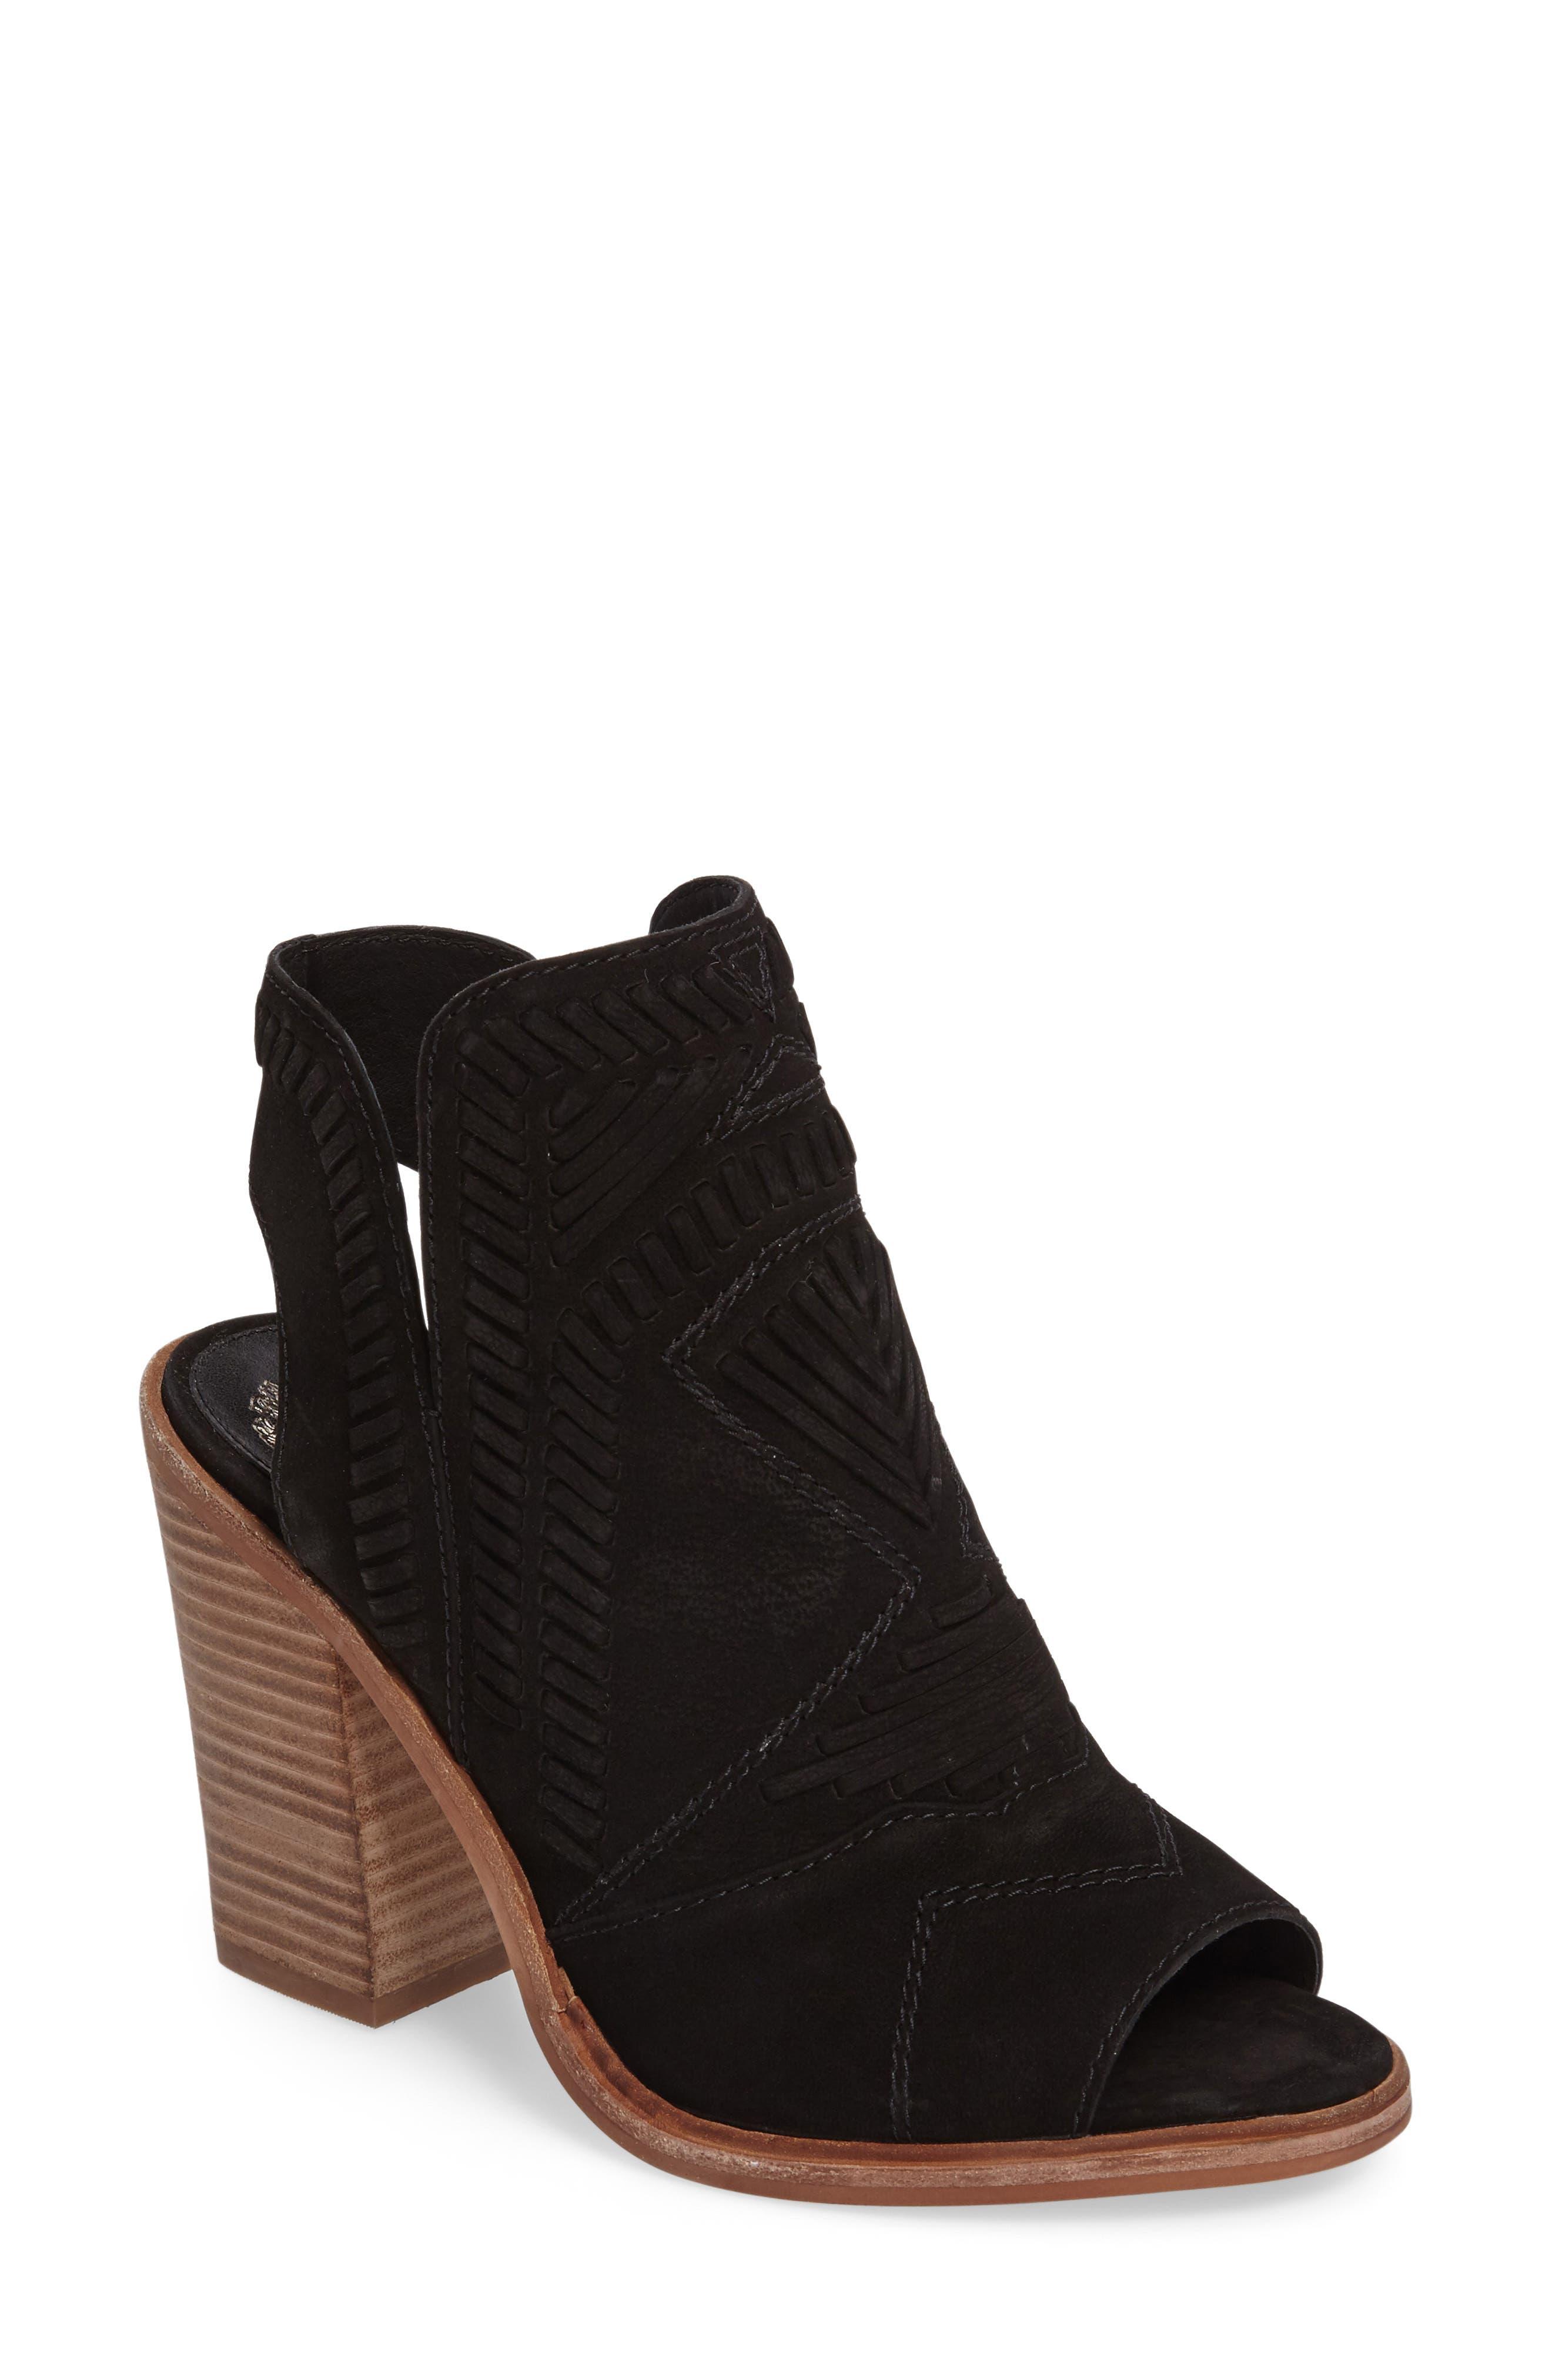 VINCE CAMUTO Karinta Block Heel Bootie, Main, color, 001